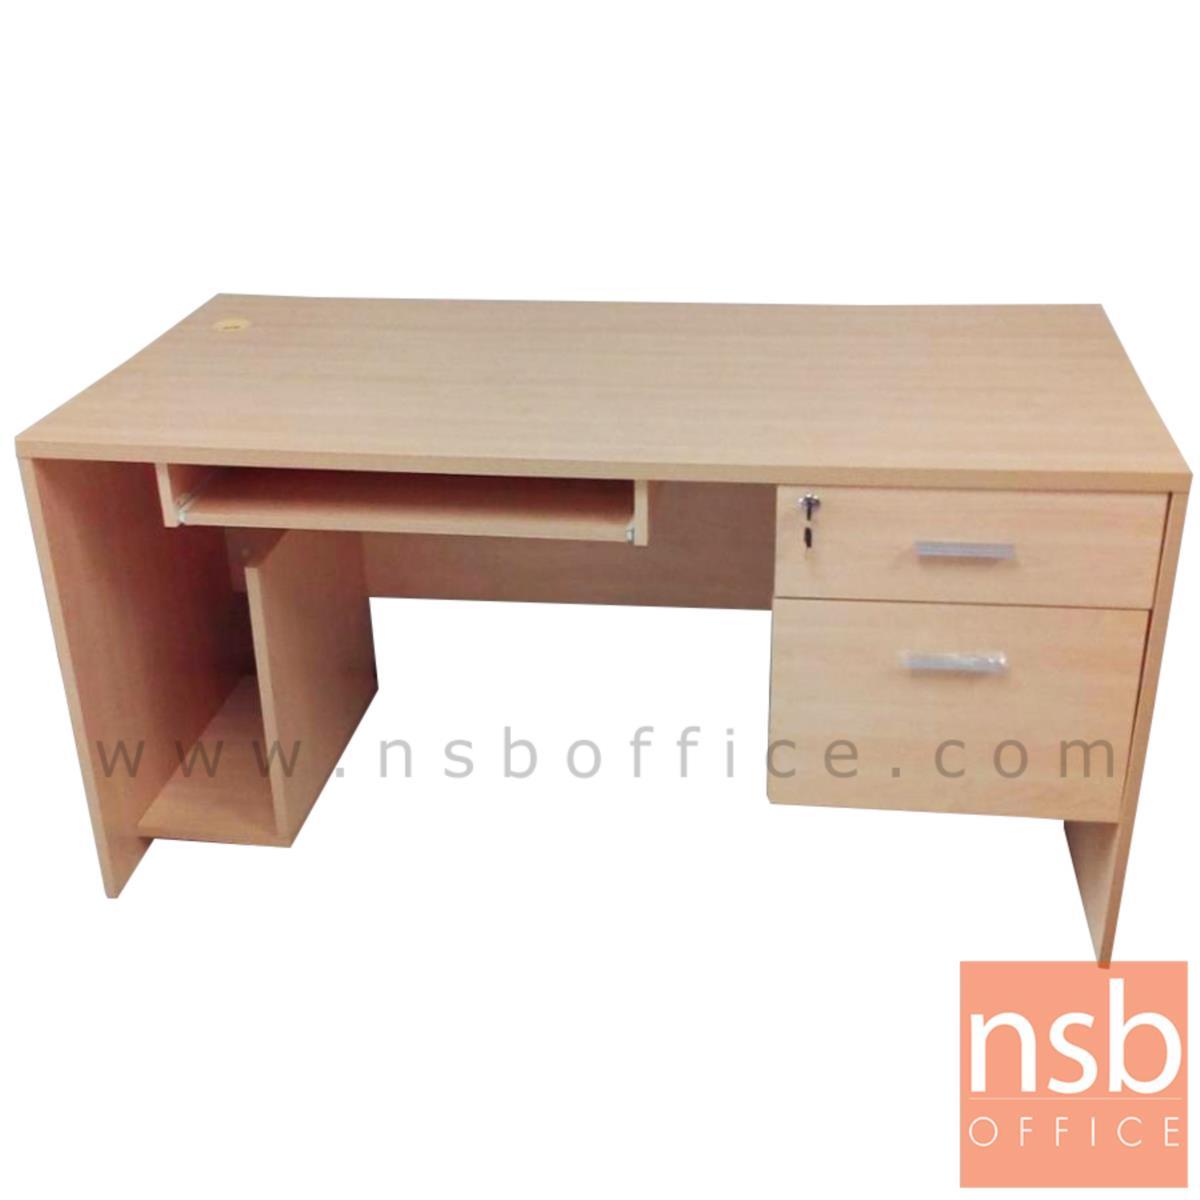 A13A179:โต๊ะคอมพิวเตอร์ 2 ลิ้นชัก   ขนาด 120W cm. พร้อมรางคีย์บอร์ด รับผลิตนอกแบบ